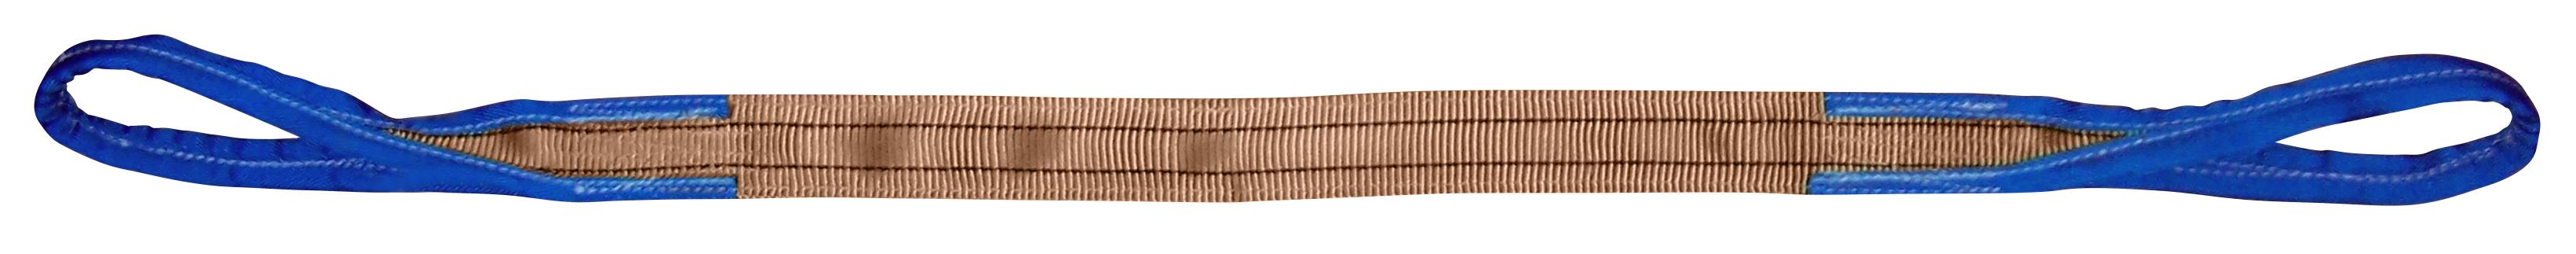 Hebeband 2 -lagig, vollverstärkte Schlaufen, Tragfähigkeit 6 Tonnen